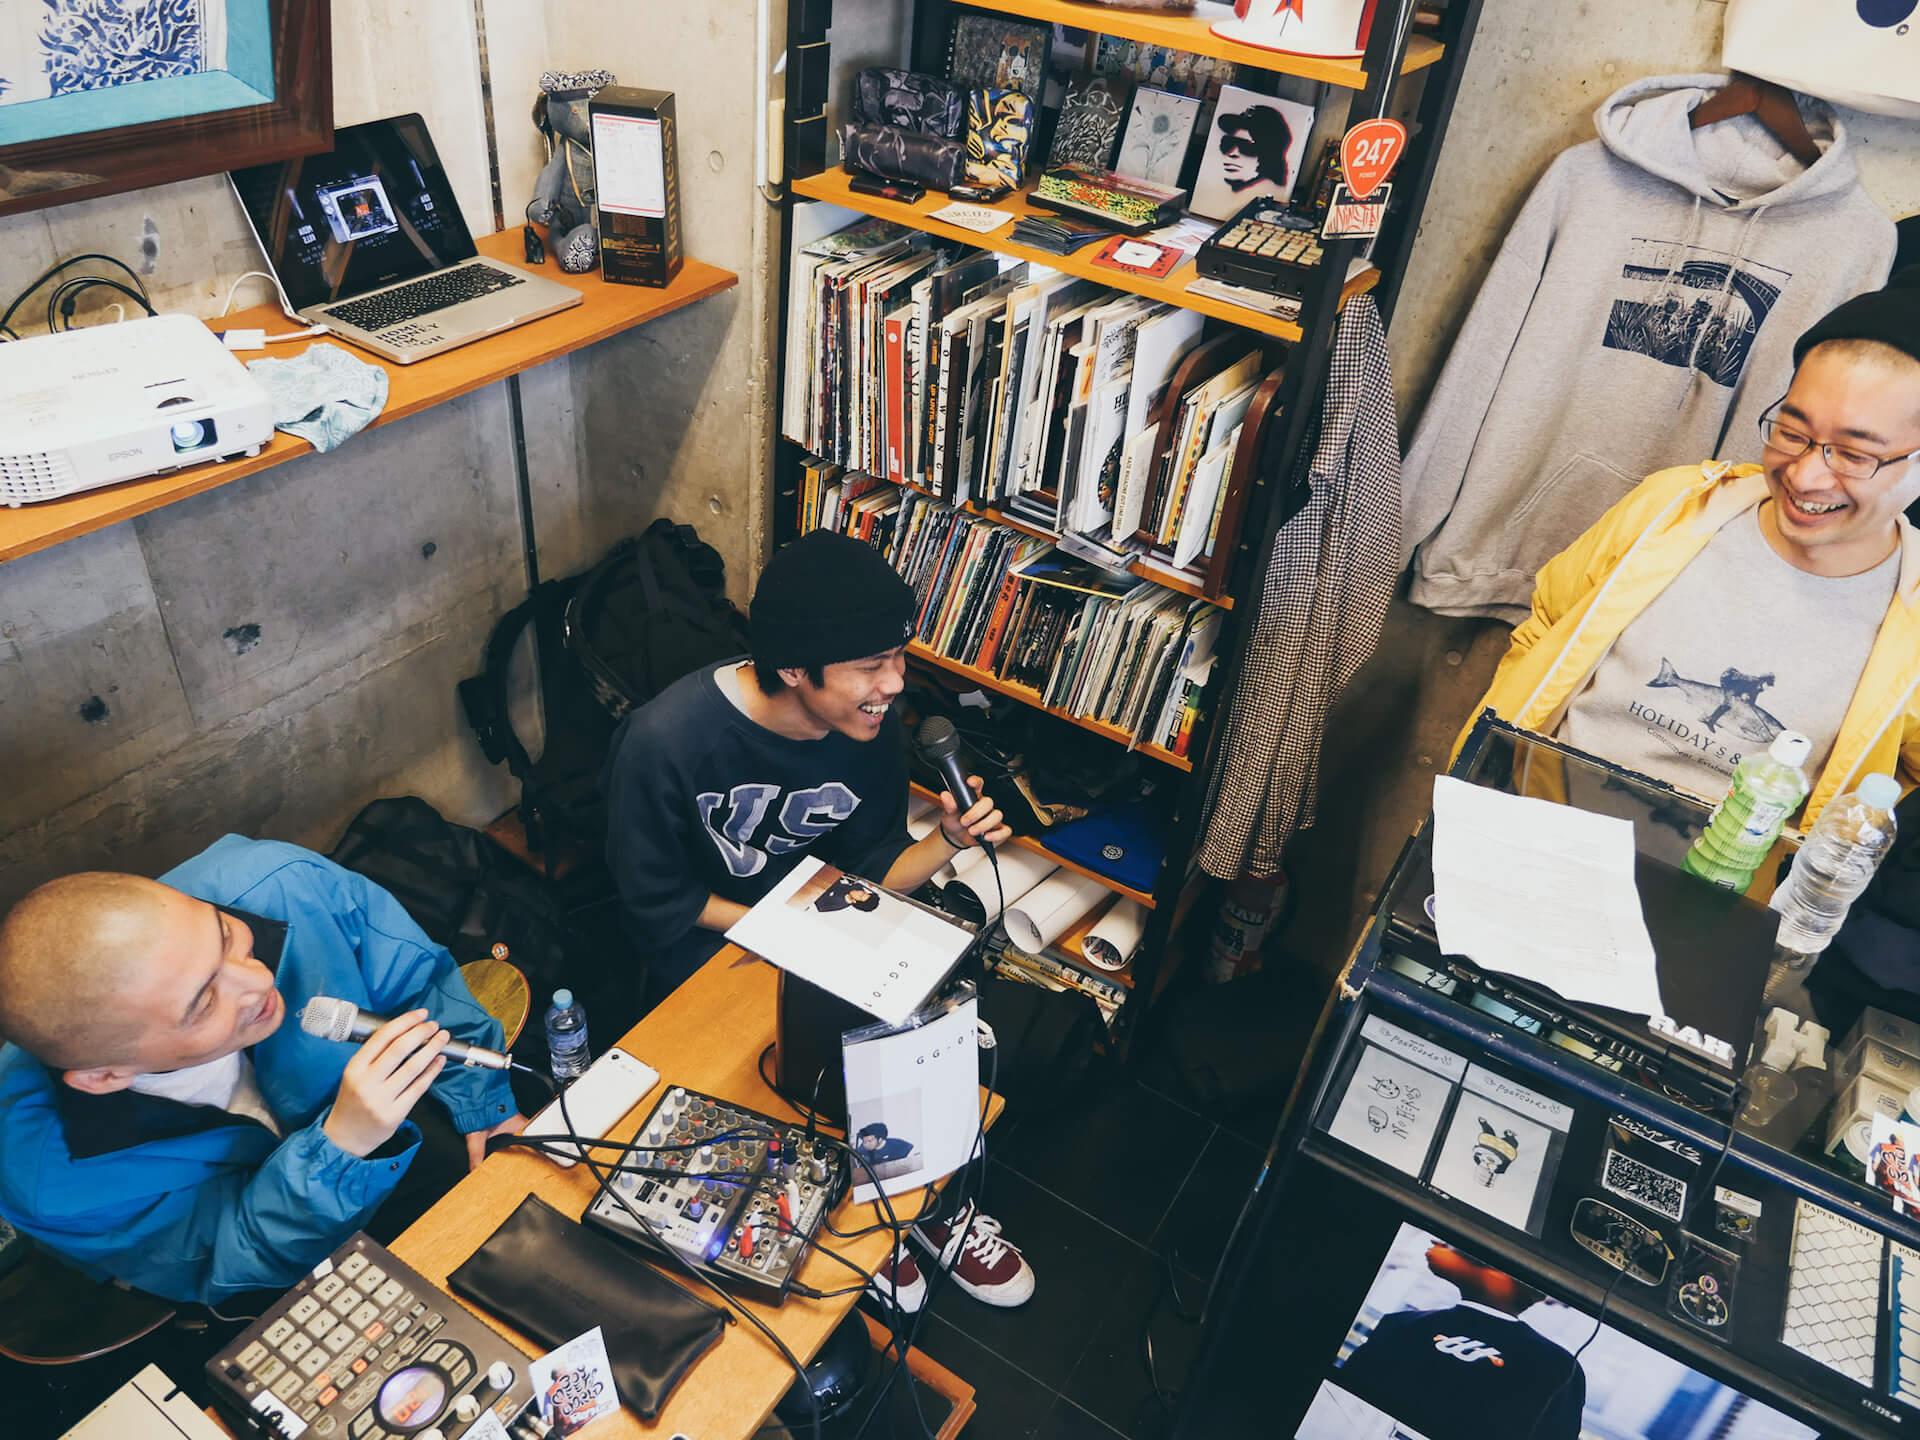 ビートは世界と出会う――BEAT MEETS WORLD x WANDERMAN POP UP in RAH YOKOHAMA REPORT interview-beat-meets-world-pop-up-report-23